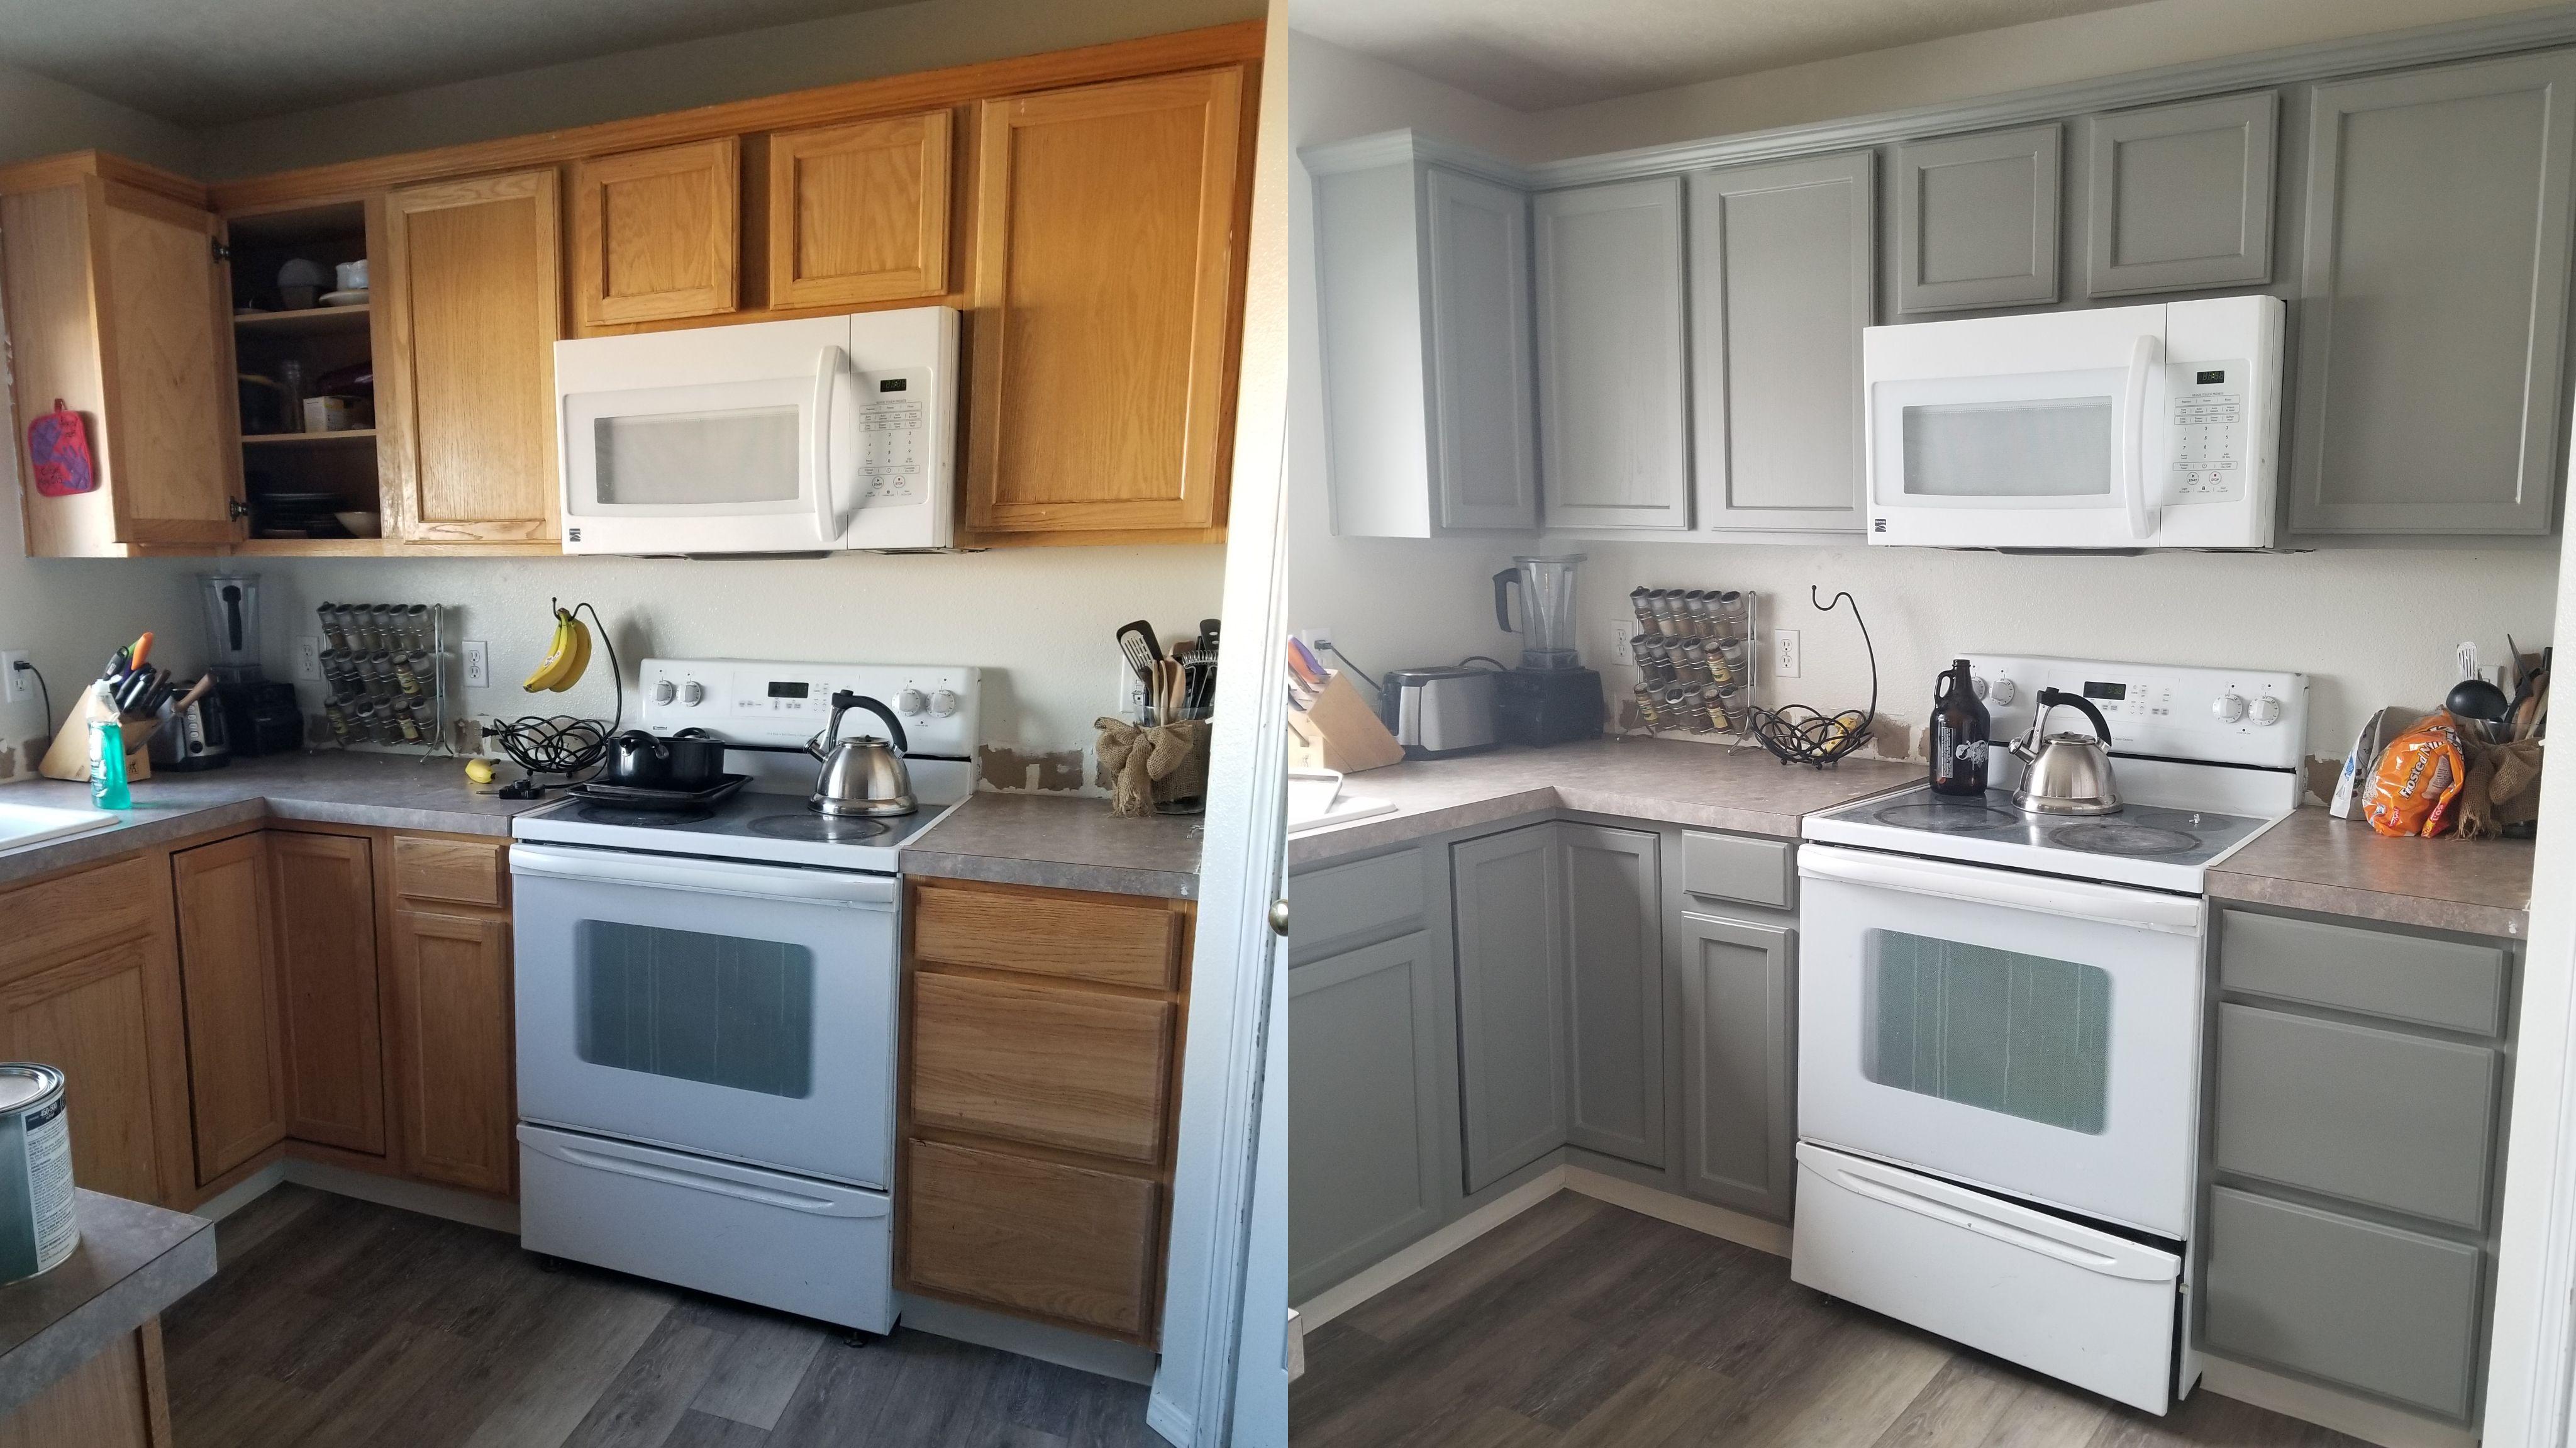 Kitchen Cabinets Painting Idea Kitchen Cabinets Painting Kitchen Cabinets Painting Cabinets